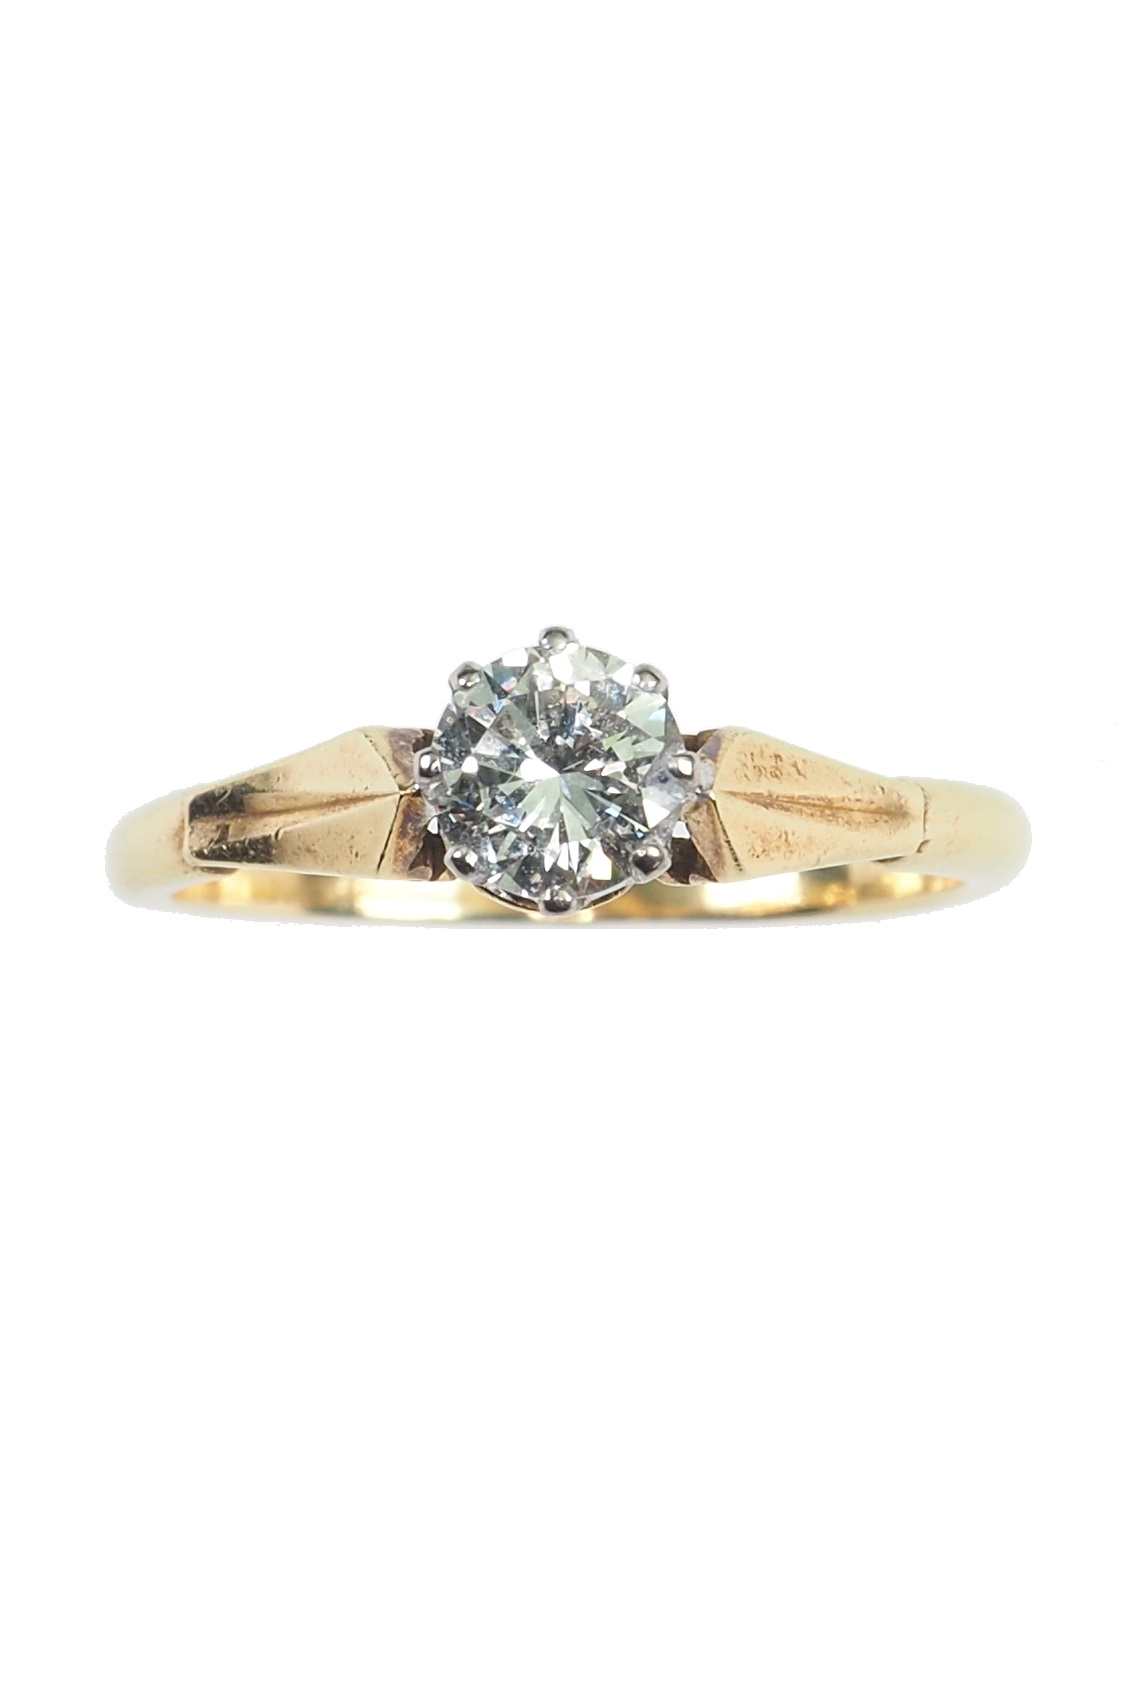 Verlobungsring-online-kaufen-2766